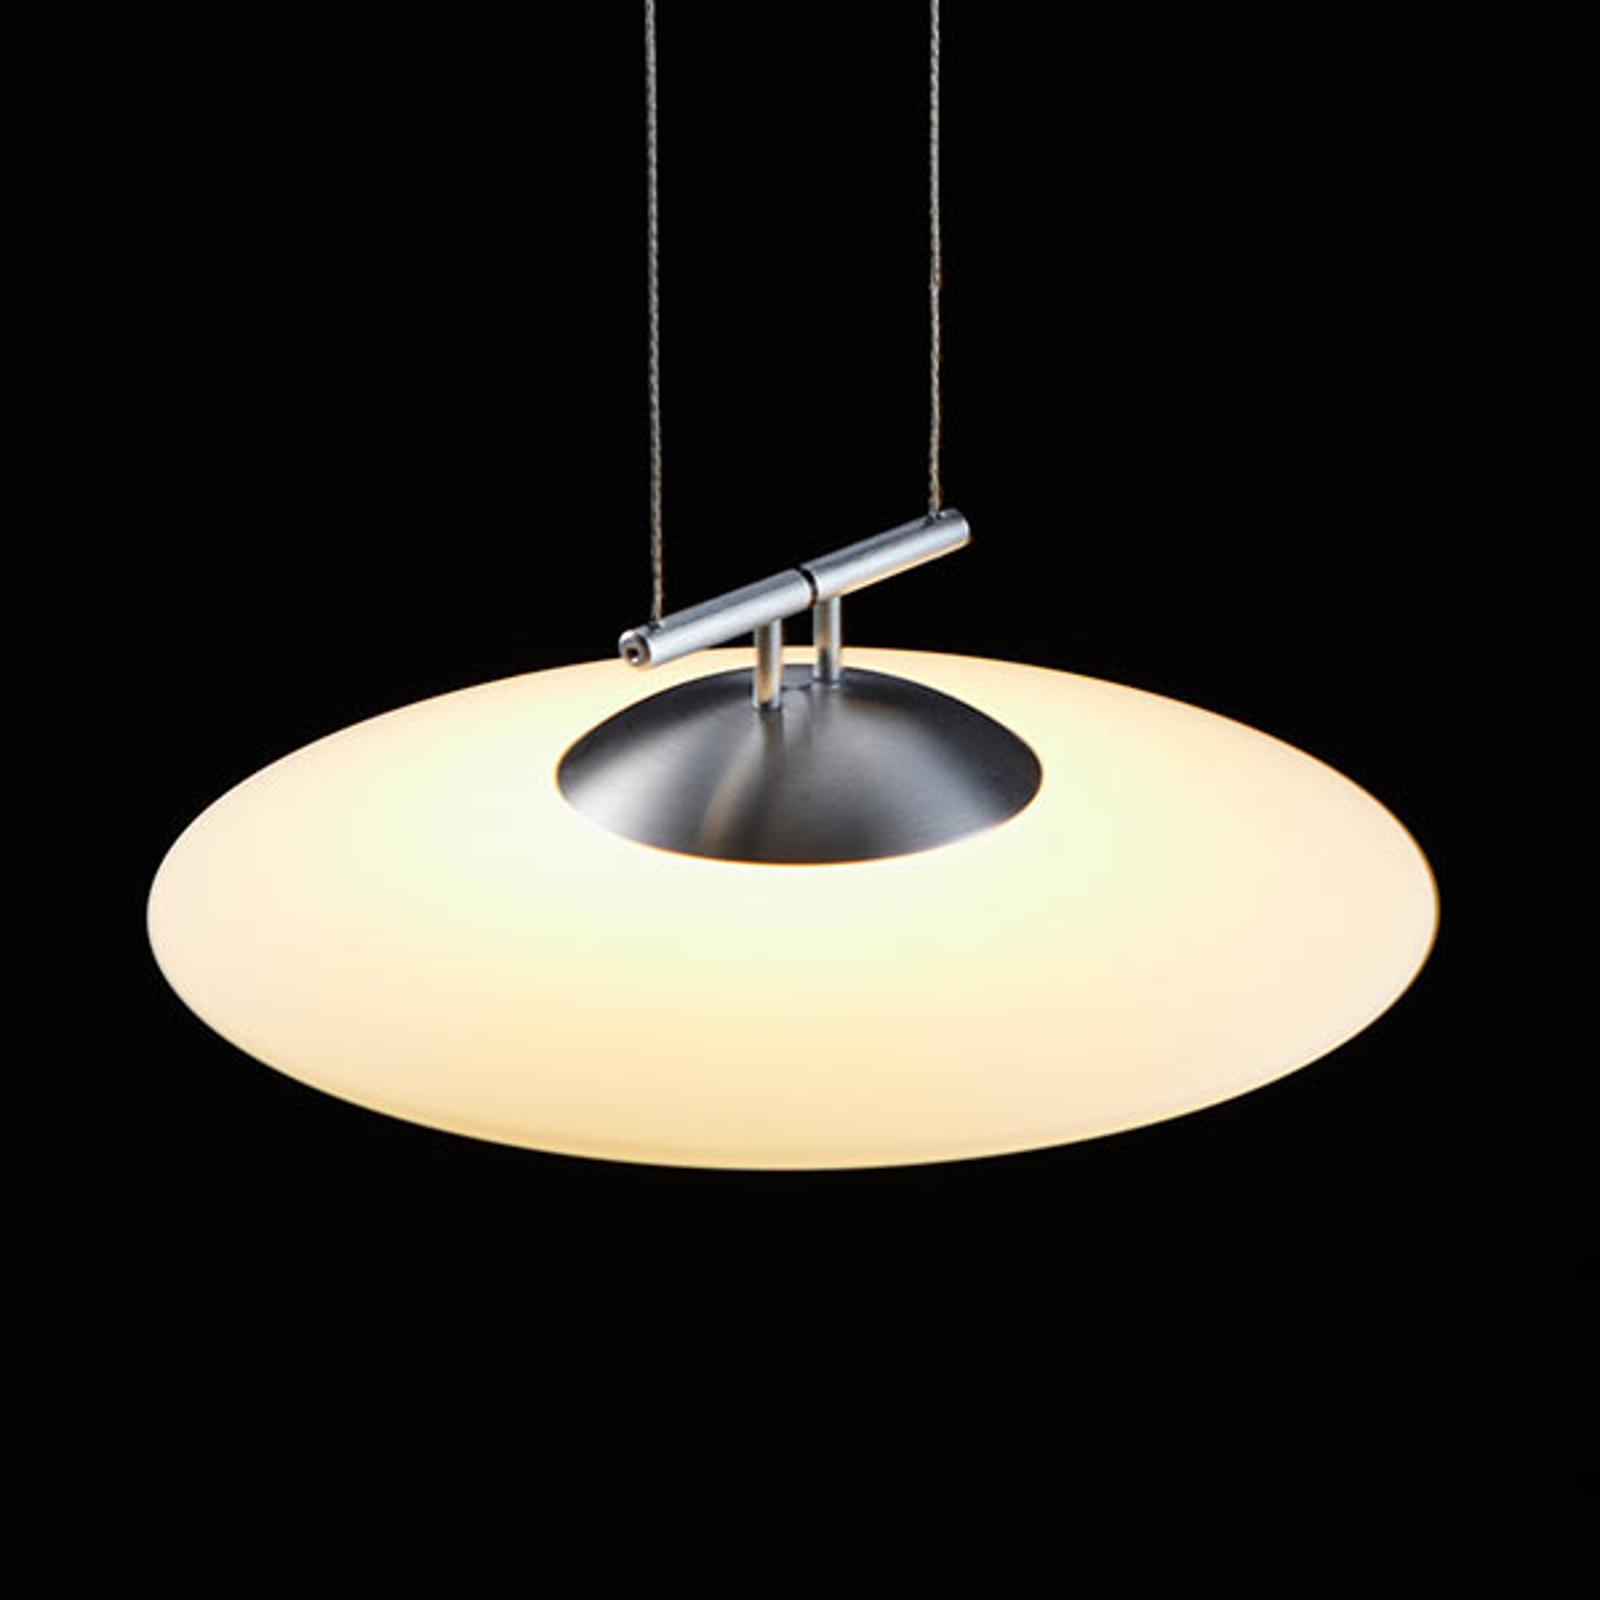 LDM Lunaled Grande Uno LED-Hängeleuchte, matt